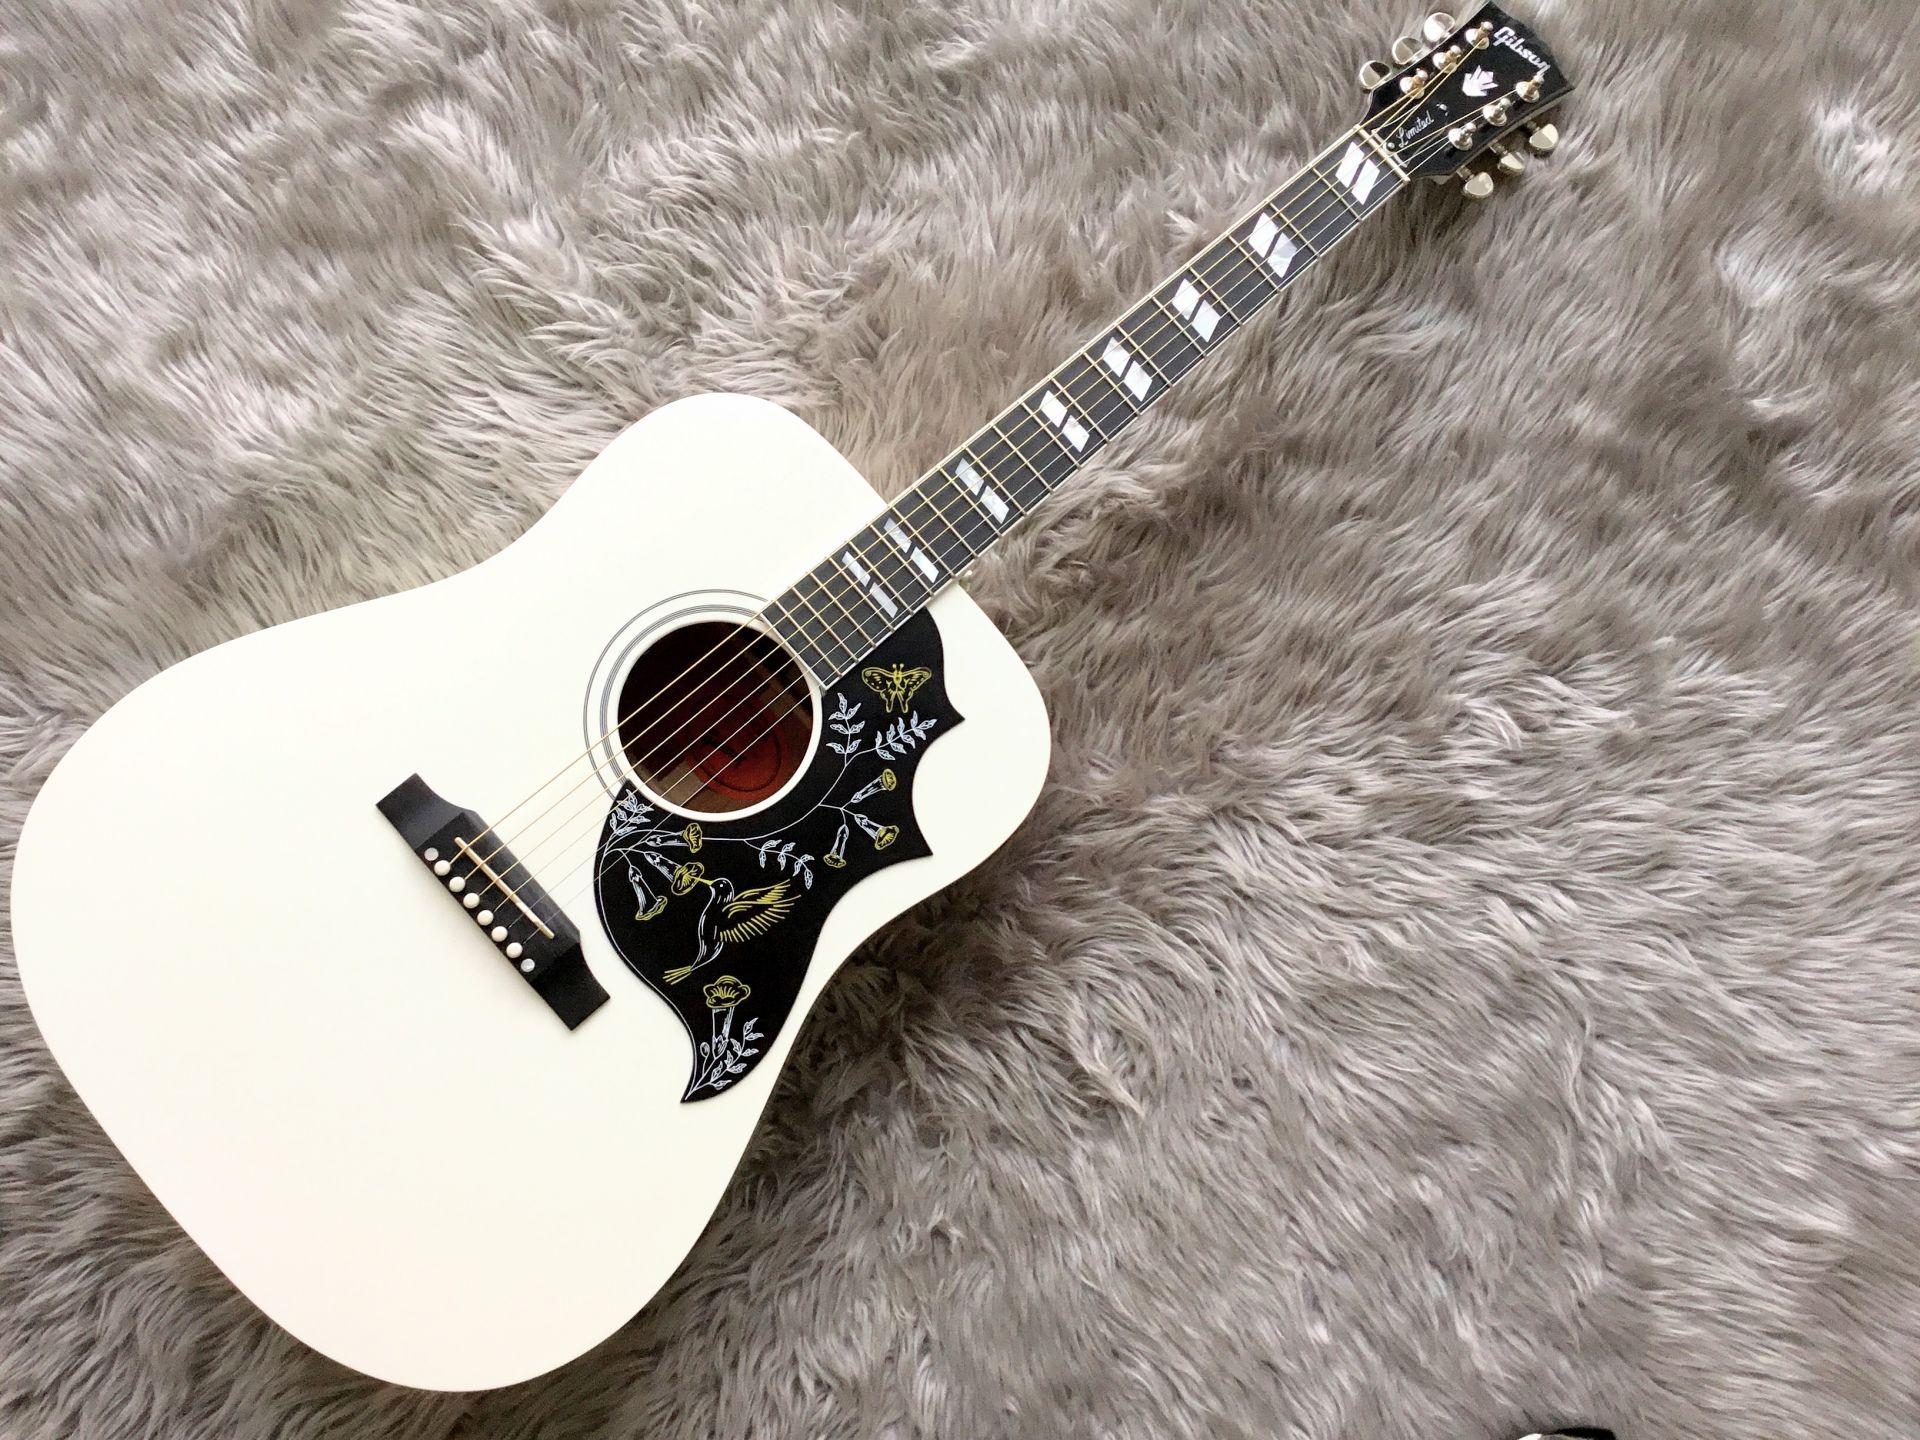 Humminbird Whiteのボディトップ-アップ画像